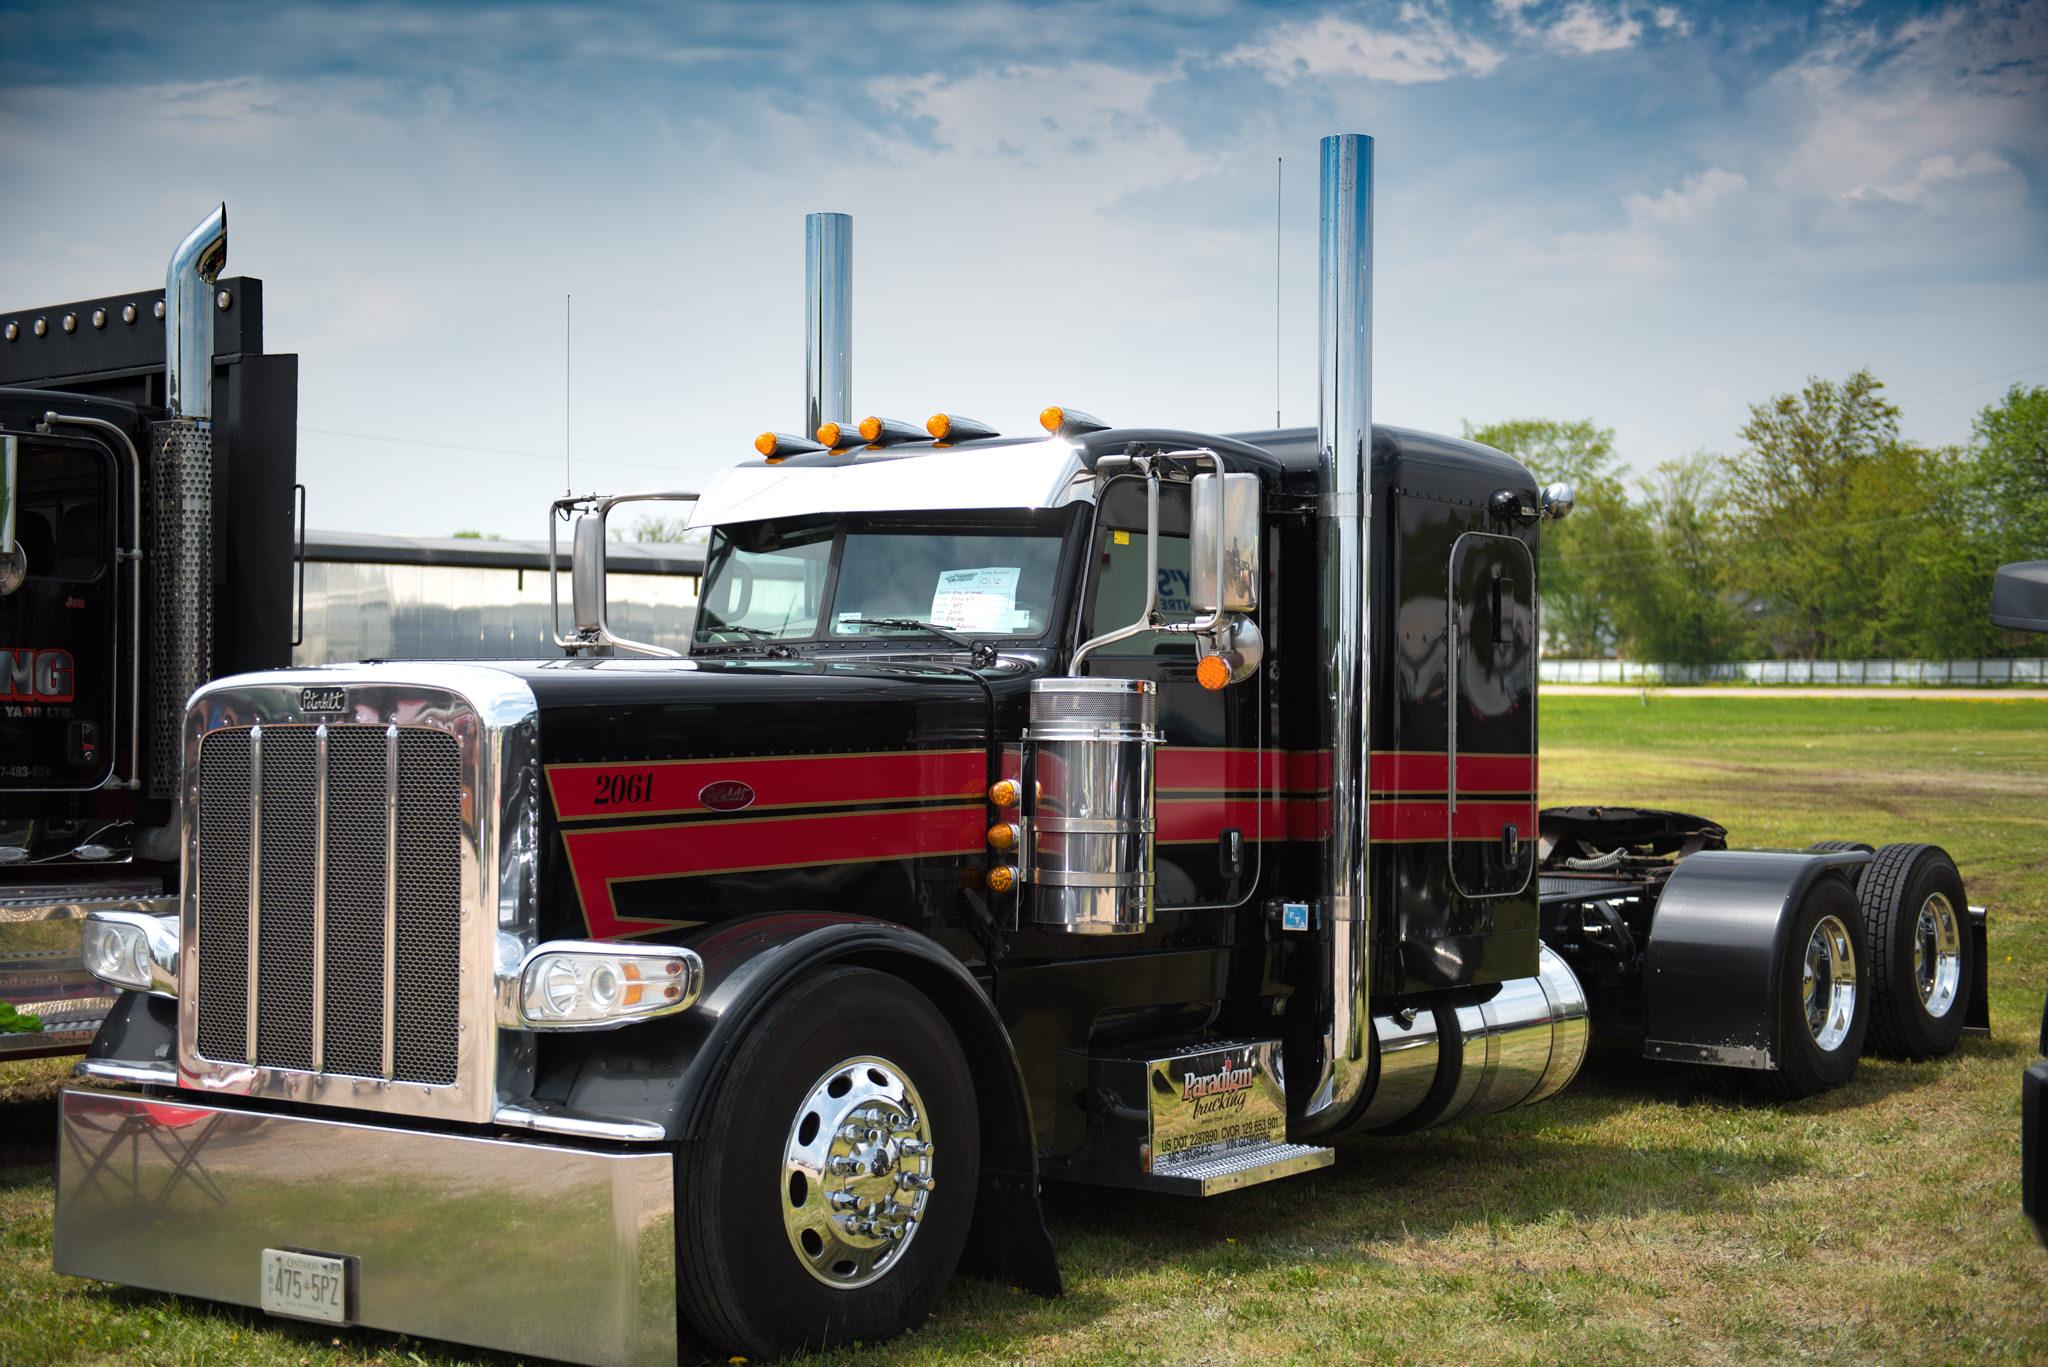 Truck Show Shots (21 of 45).jpg